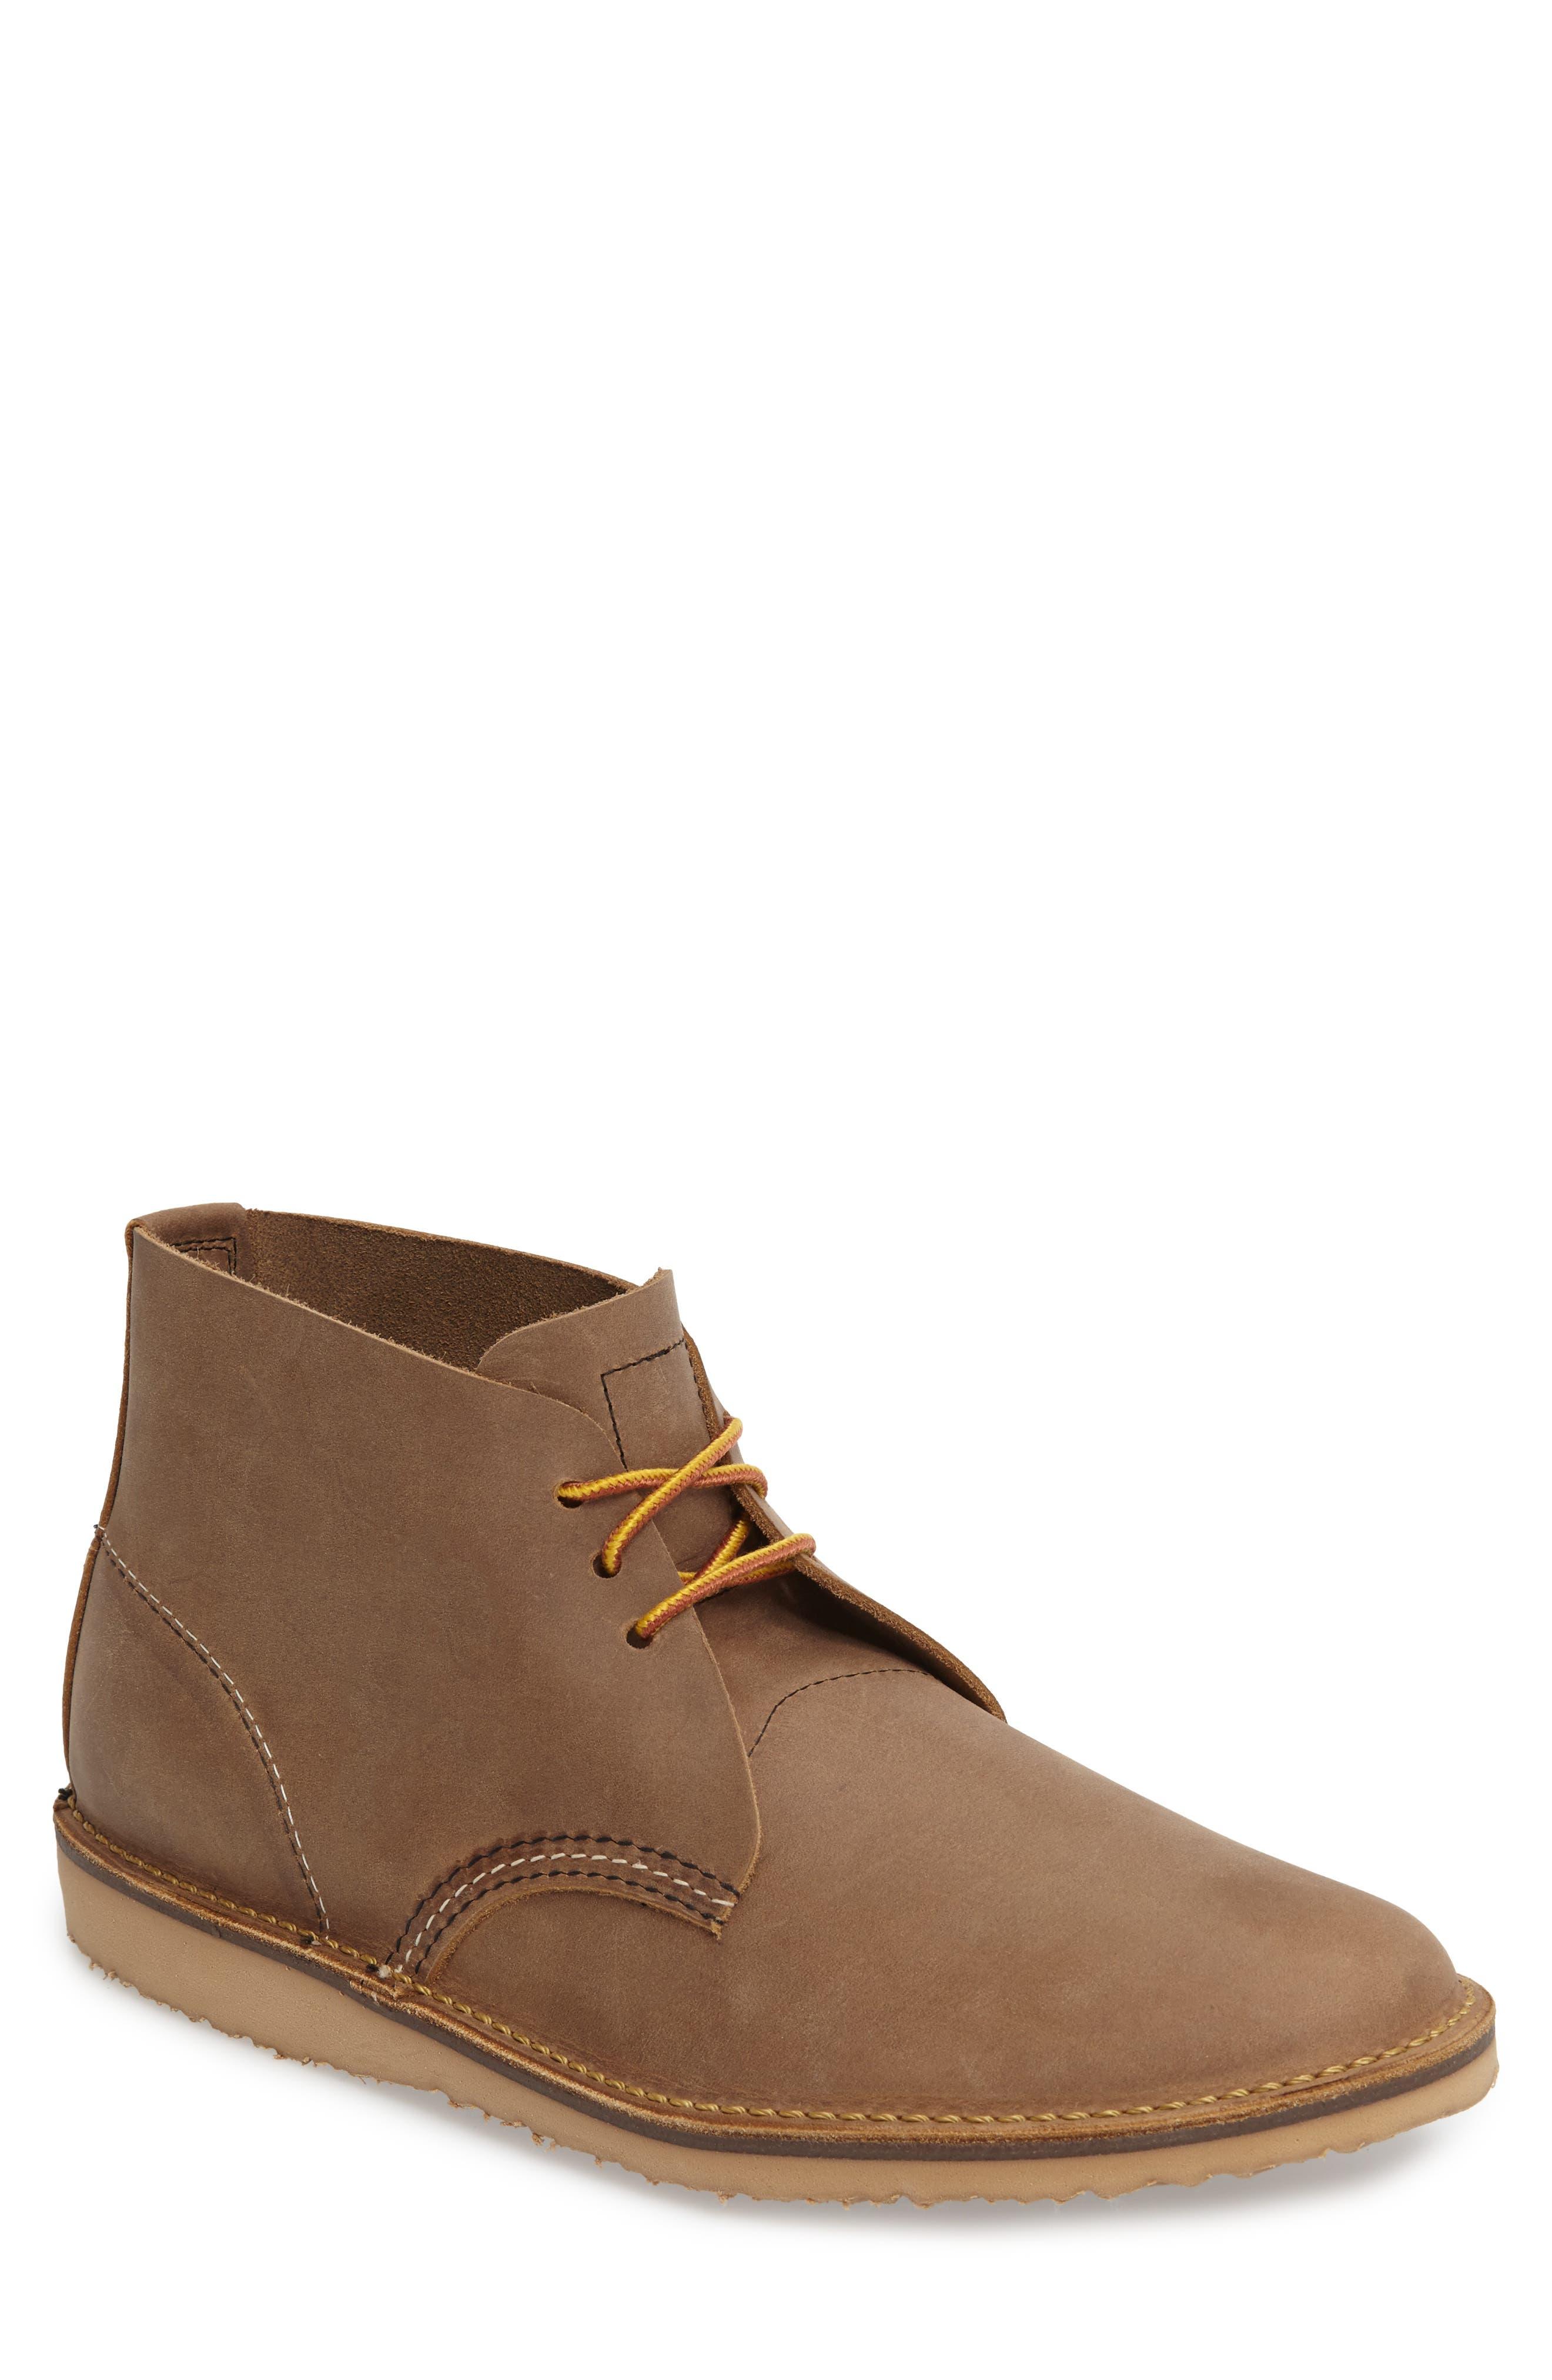 Chukka Boot,                         Main,                         color, Sand